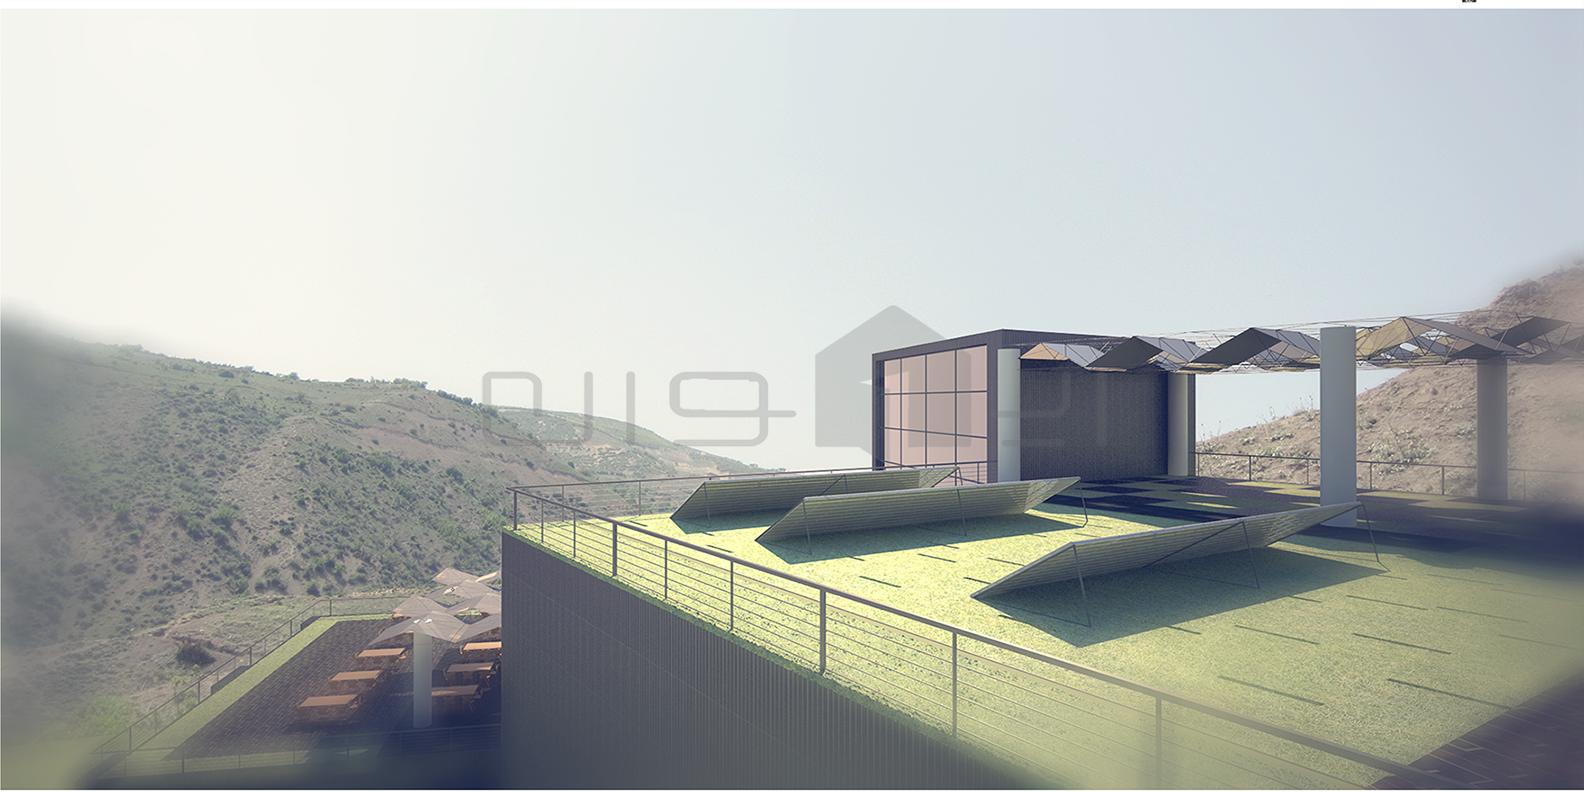 ۹ طراحی مجموعه تفریحی-توریستی دریاچه ولشت طراحی مجموعه تفریحی-توریستی دریاچه ولشت 98  t